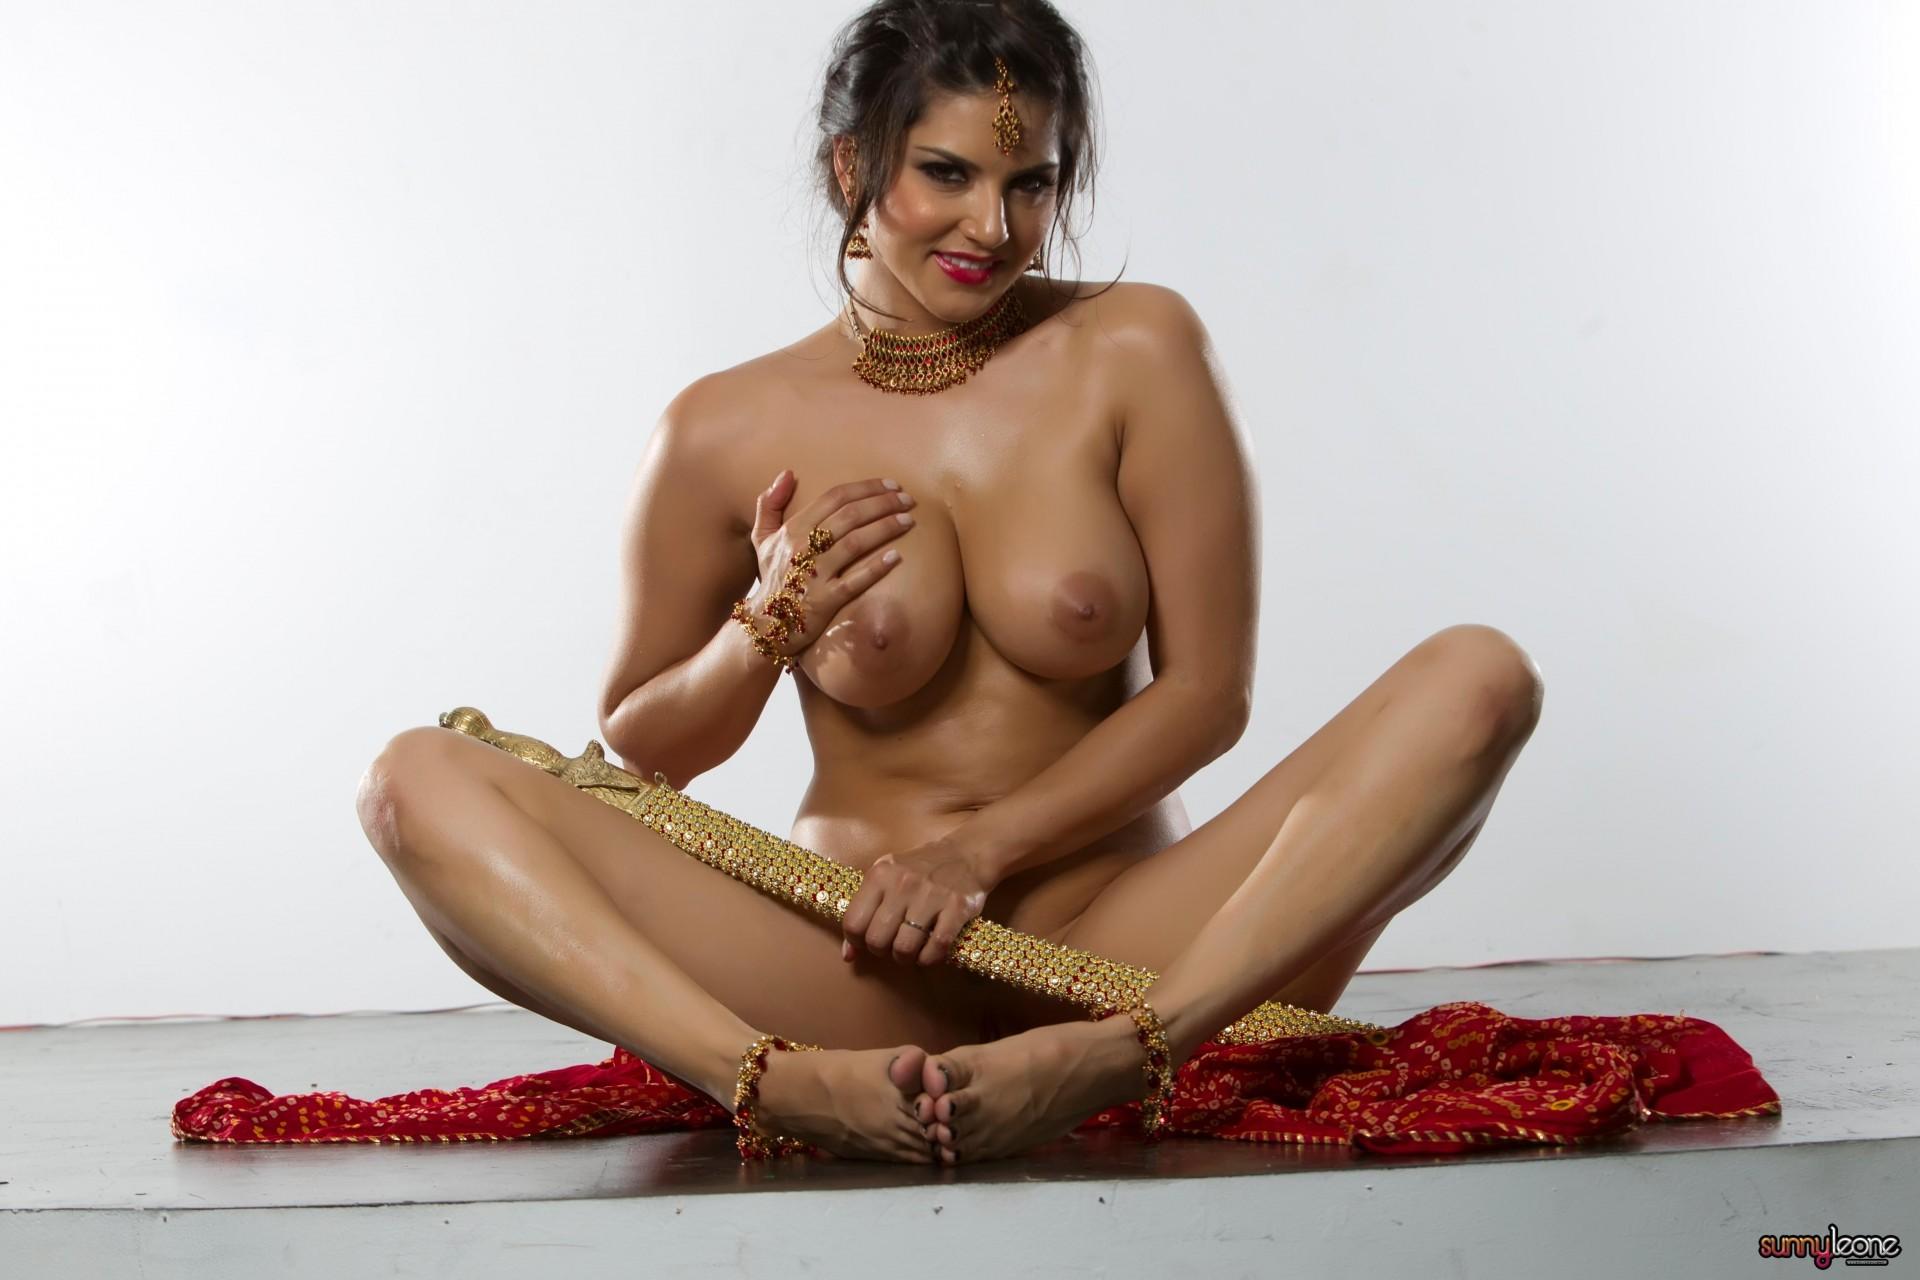 gujarati-nude-girl-hd-image